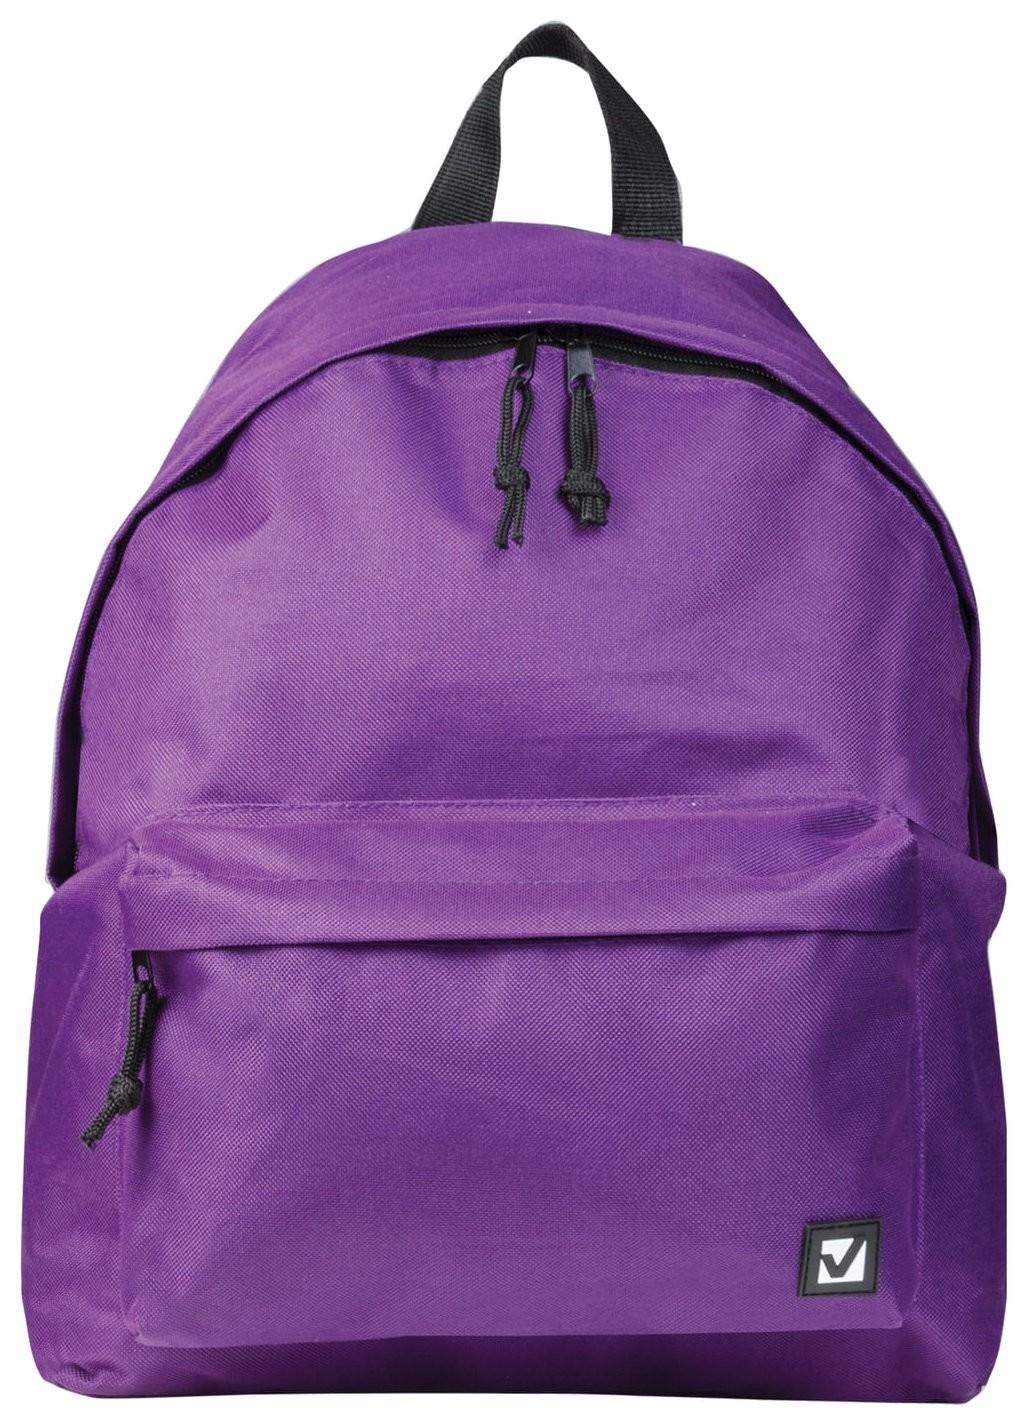 Рюкзак BRAUBERG, универсальный, сити-формат, один тон, фиолетовый, 20 литров, 41х32х14 см  Brauberg